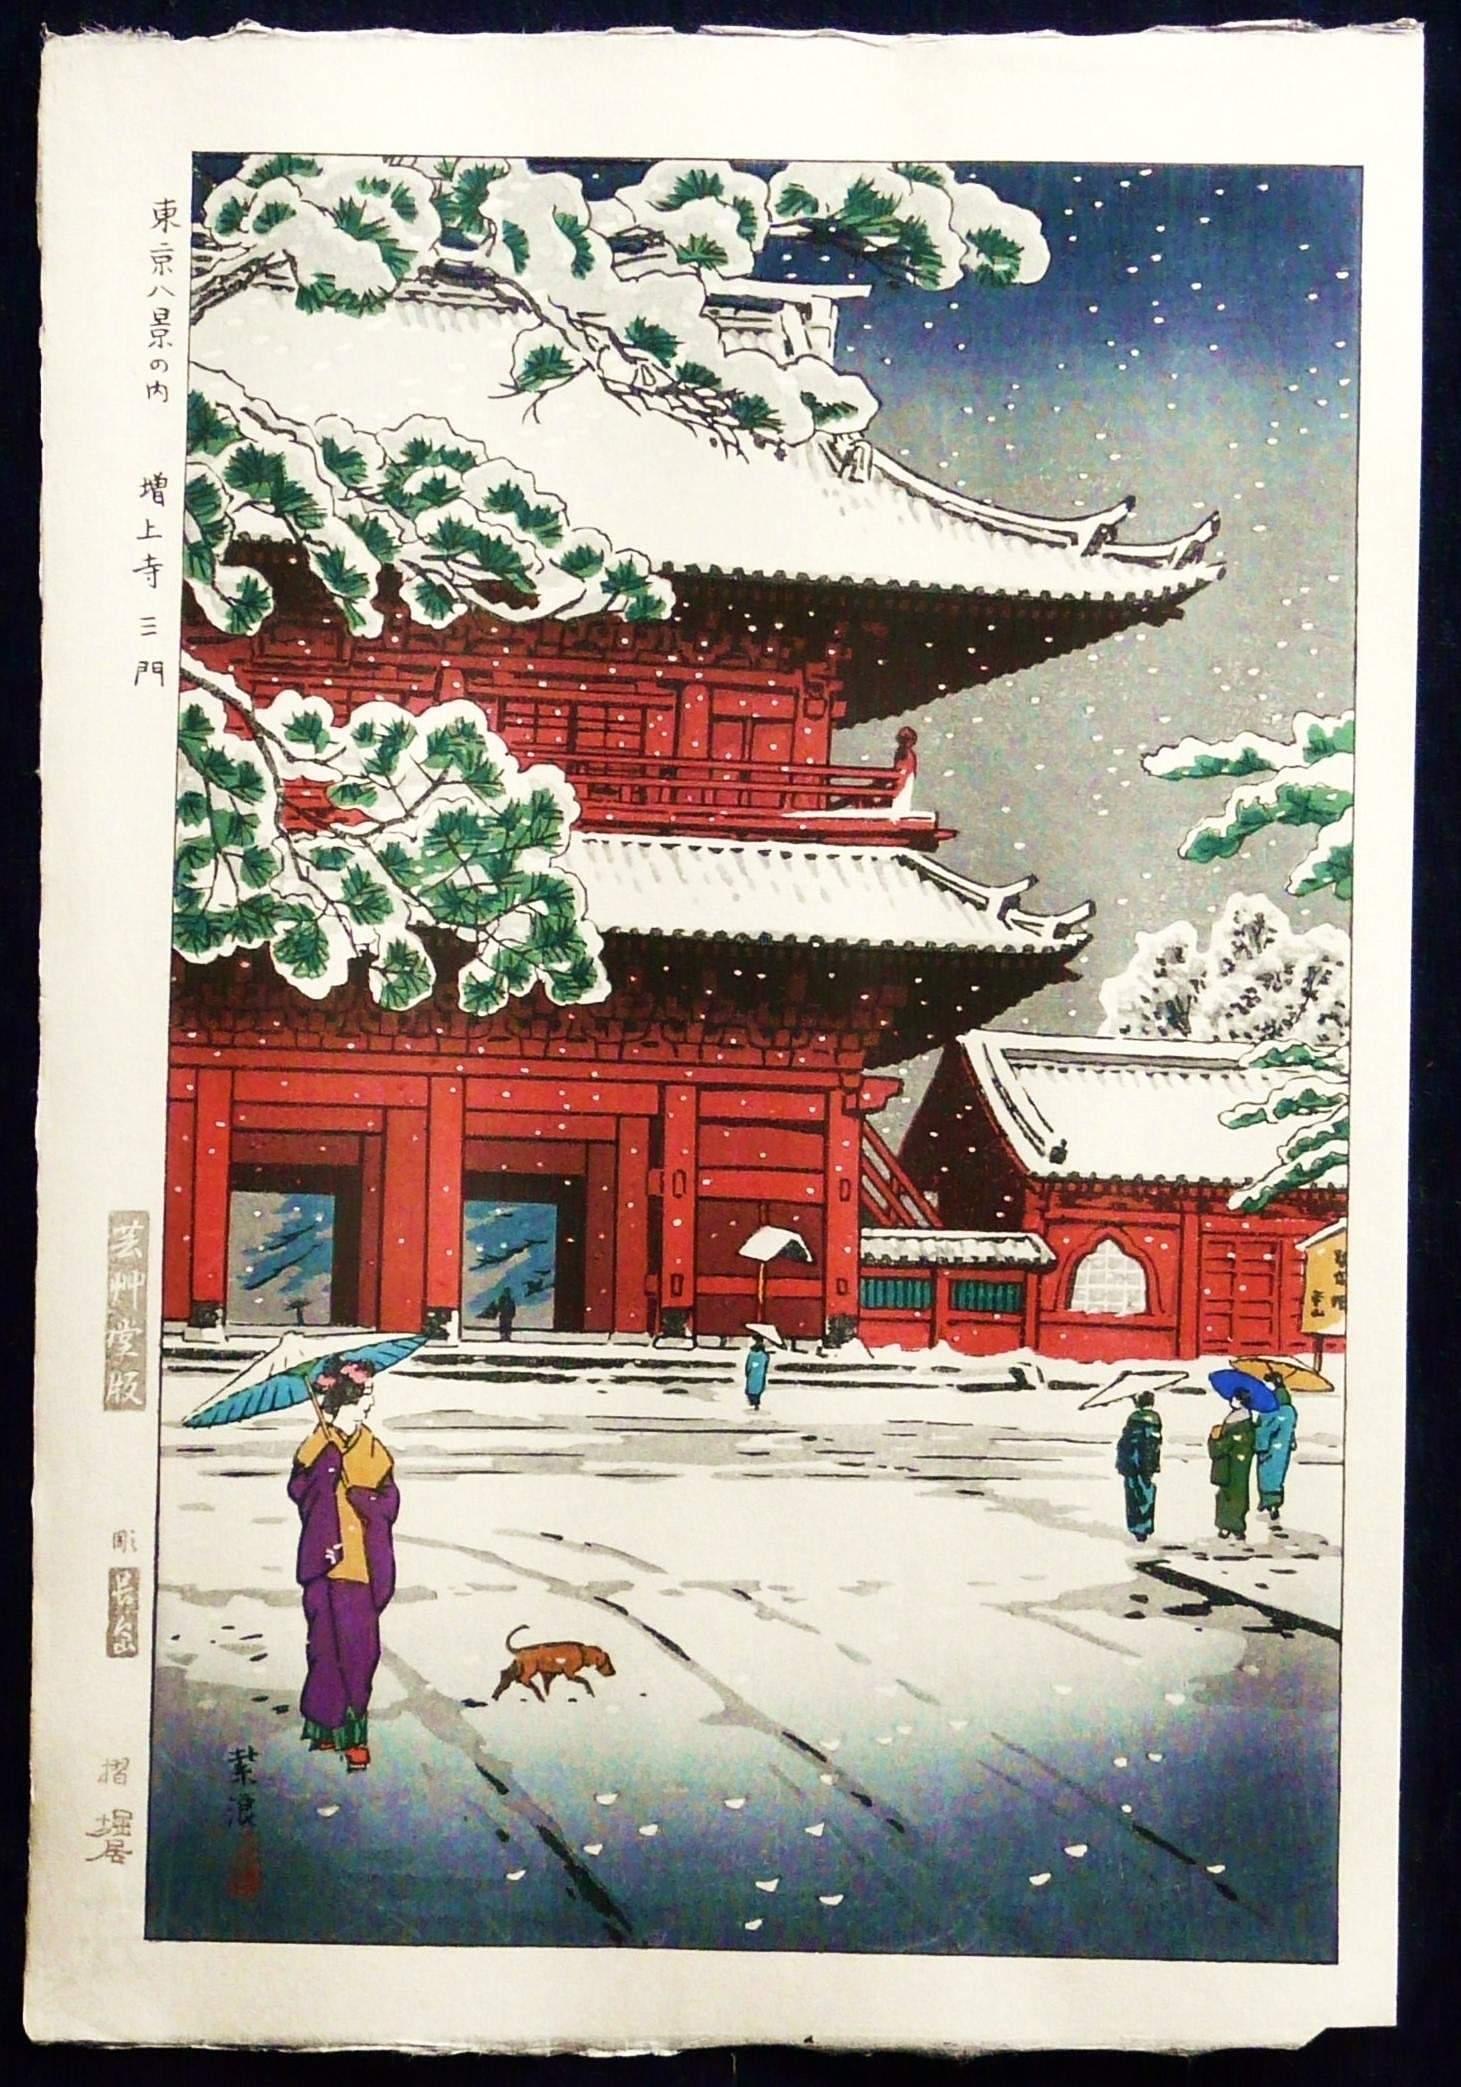 SHIRO KASAMATSU: #P3777 MAIN GATE OF ZOZOJI TEMPLE